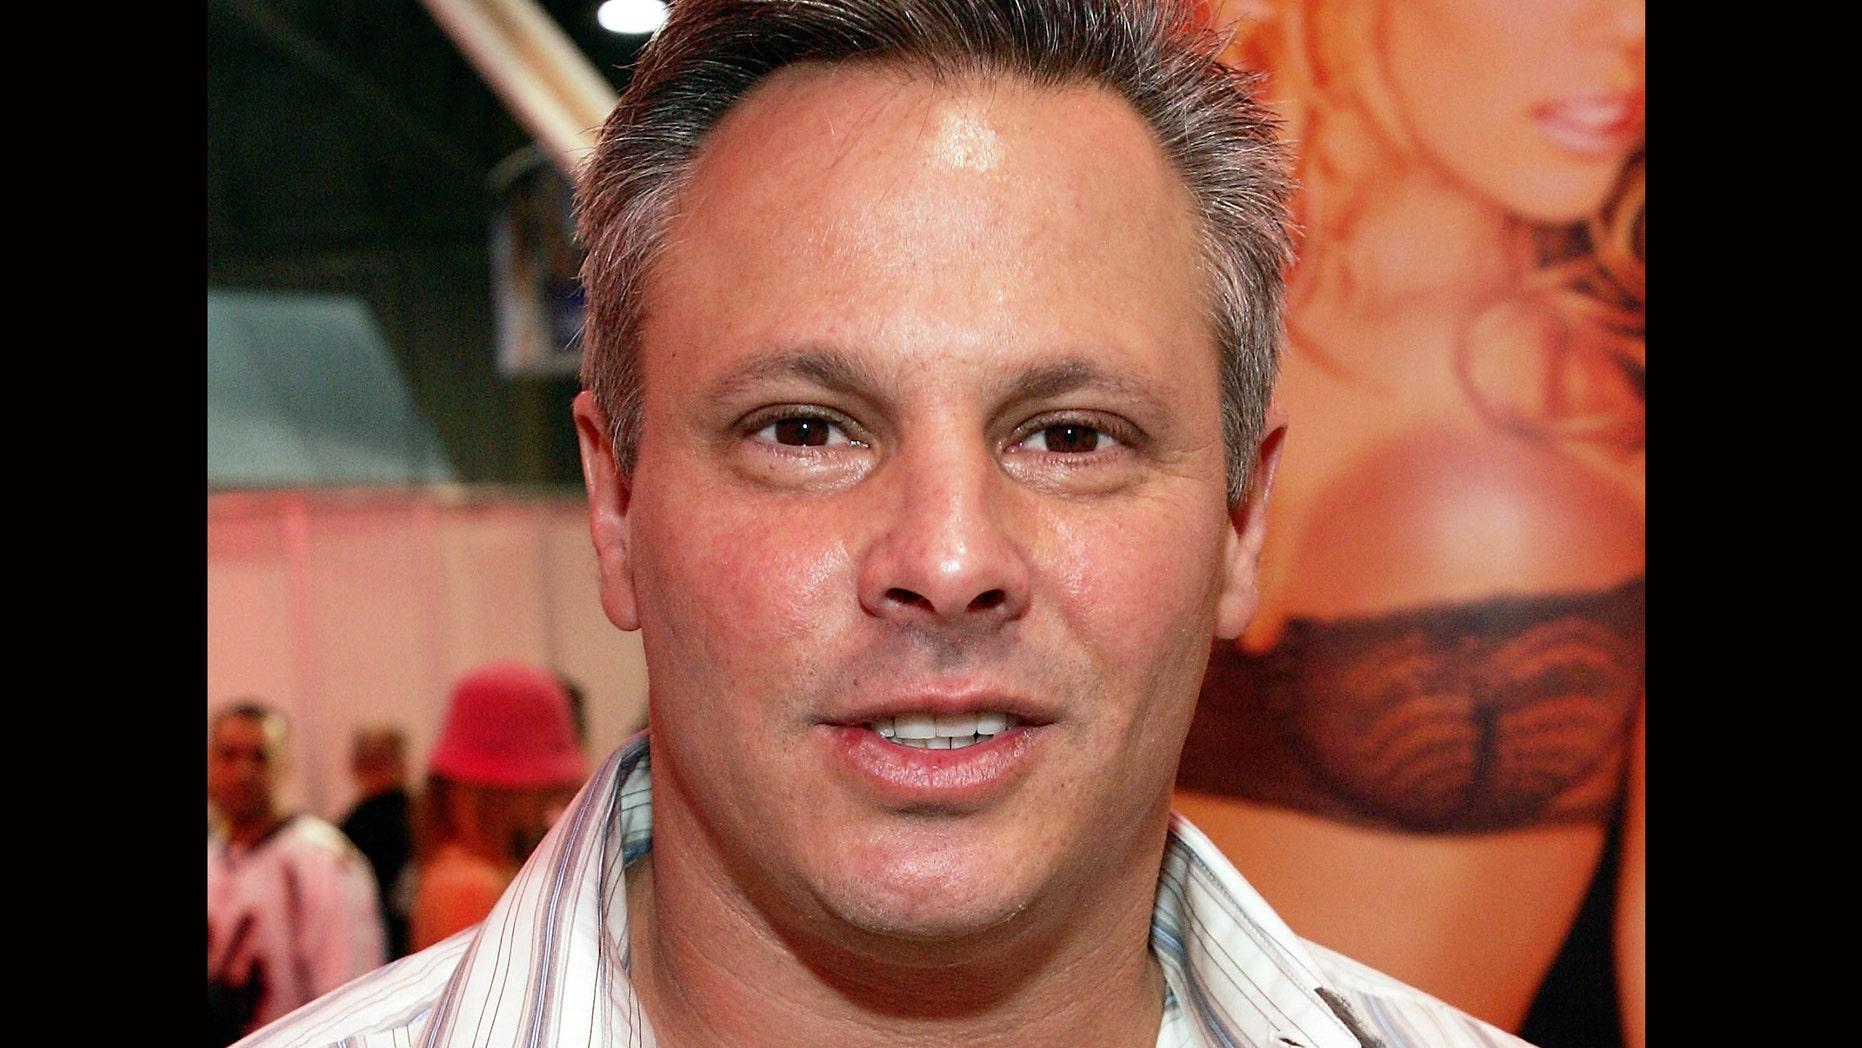 LAS VEGAS - JANUARY 8: Vivid Entertainment Co-Chairman Steven Hirsch  participates in the